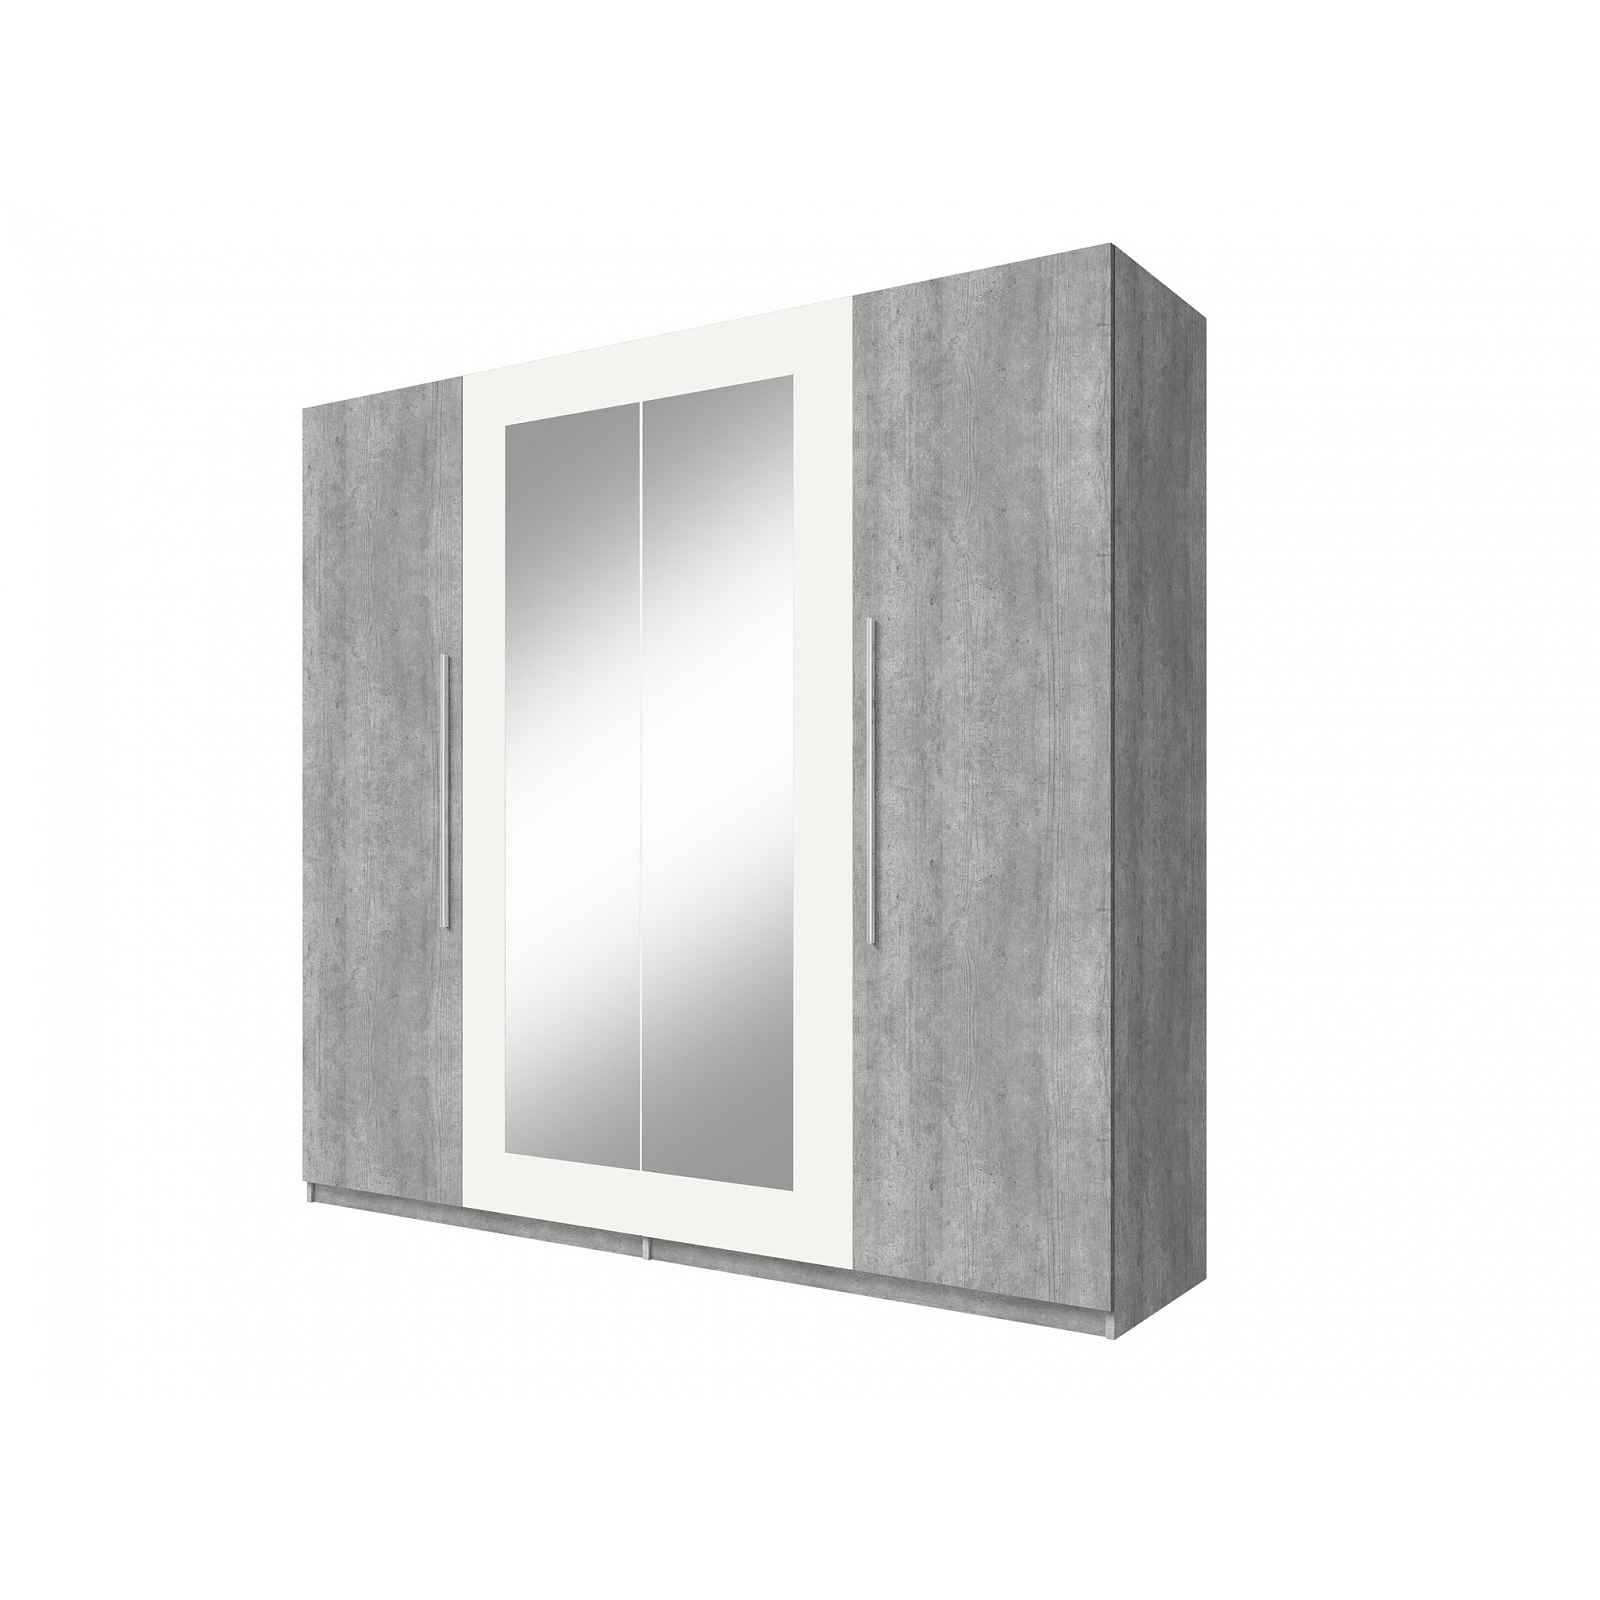 VERA skříň se zrcadlem, beton colorado/bílá